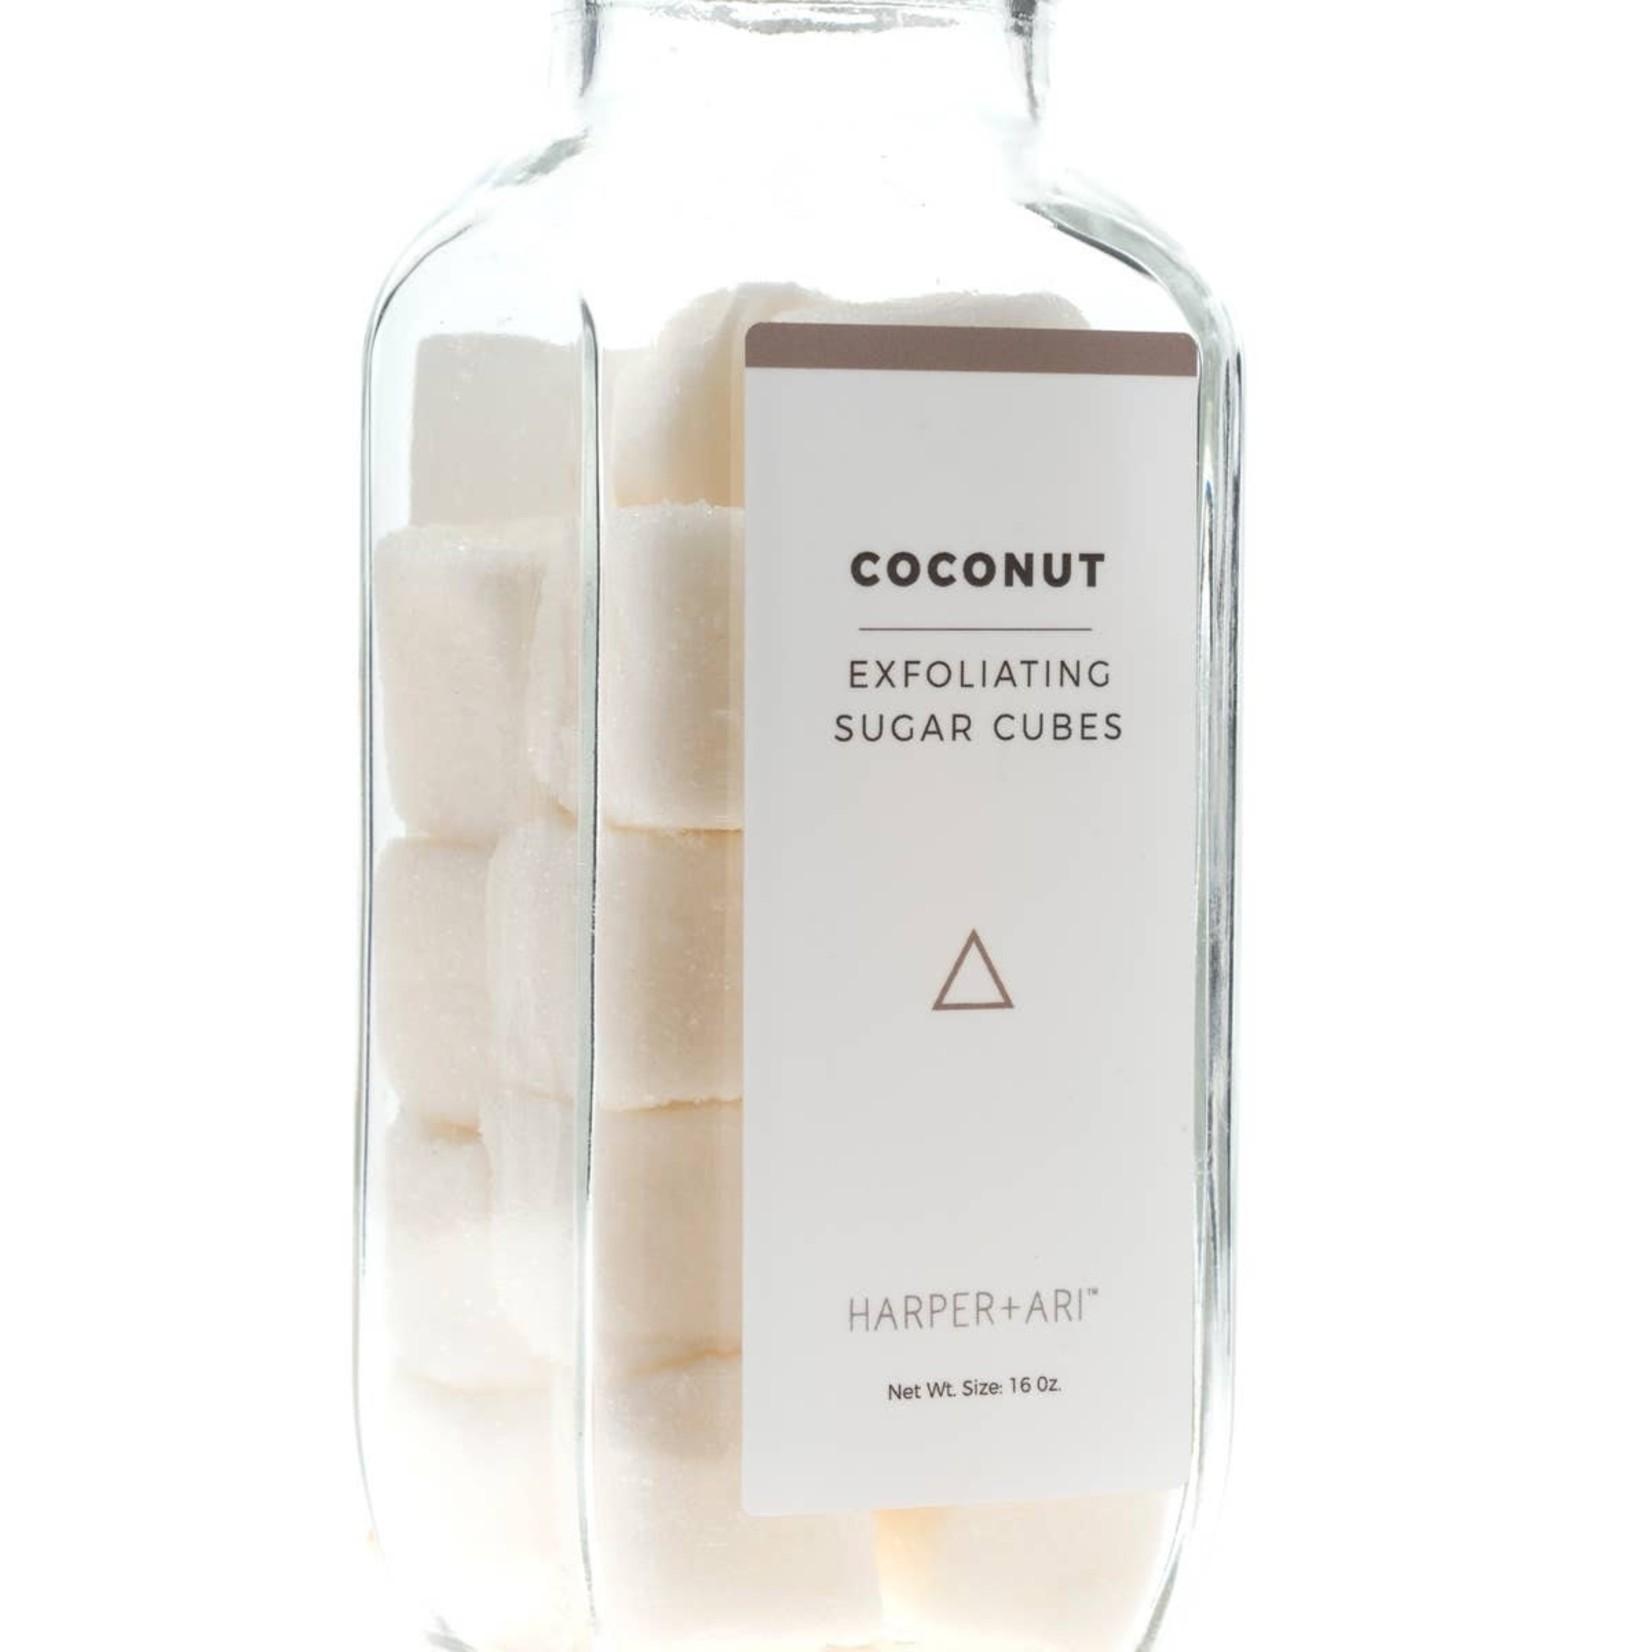 Harper Ari Coconut | Exfoliating Sugar Cubes | 16 oz.